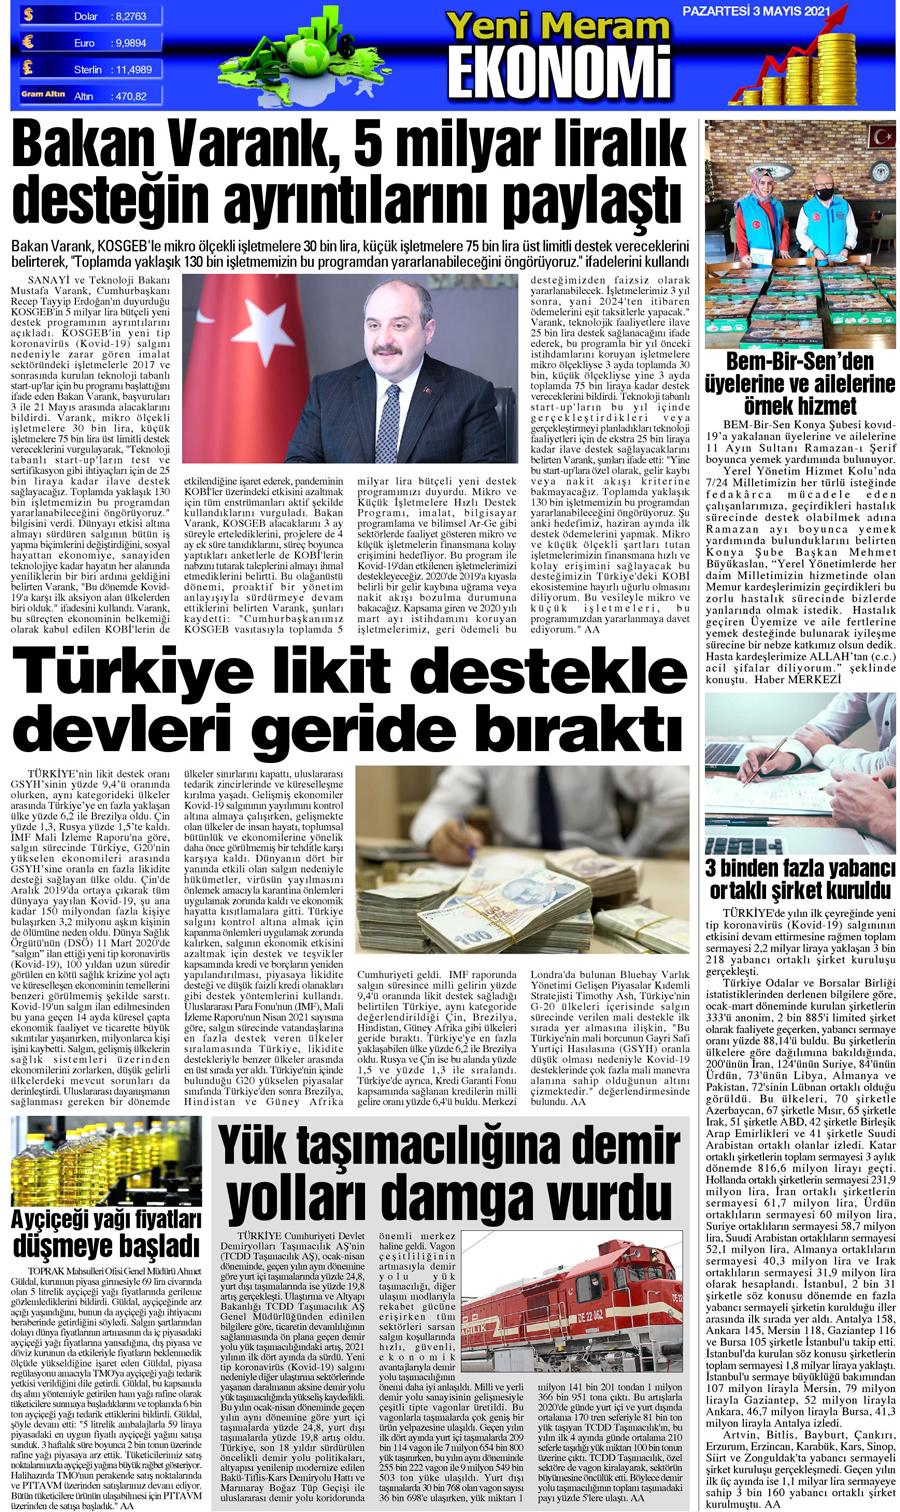 3 Mayıs 2021 Yeni Meram Gazetesi